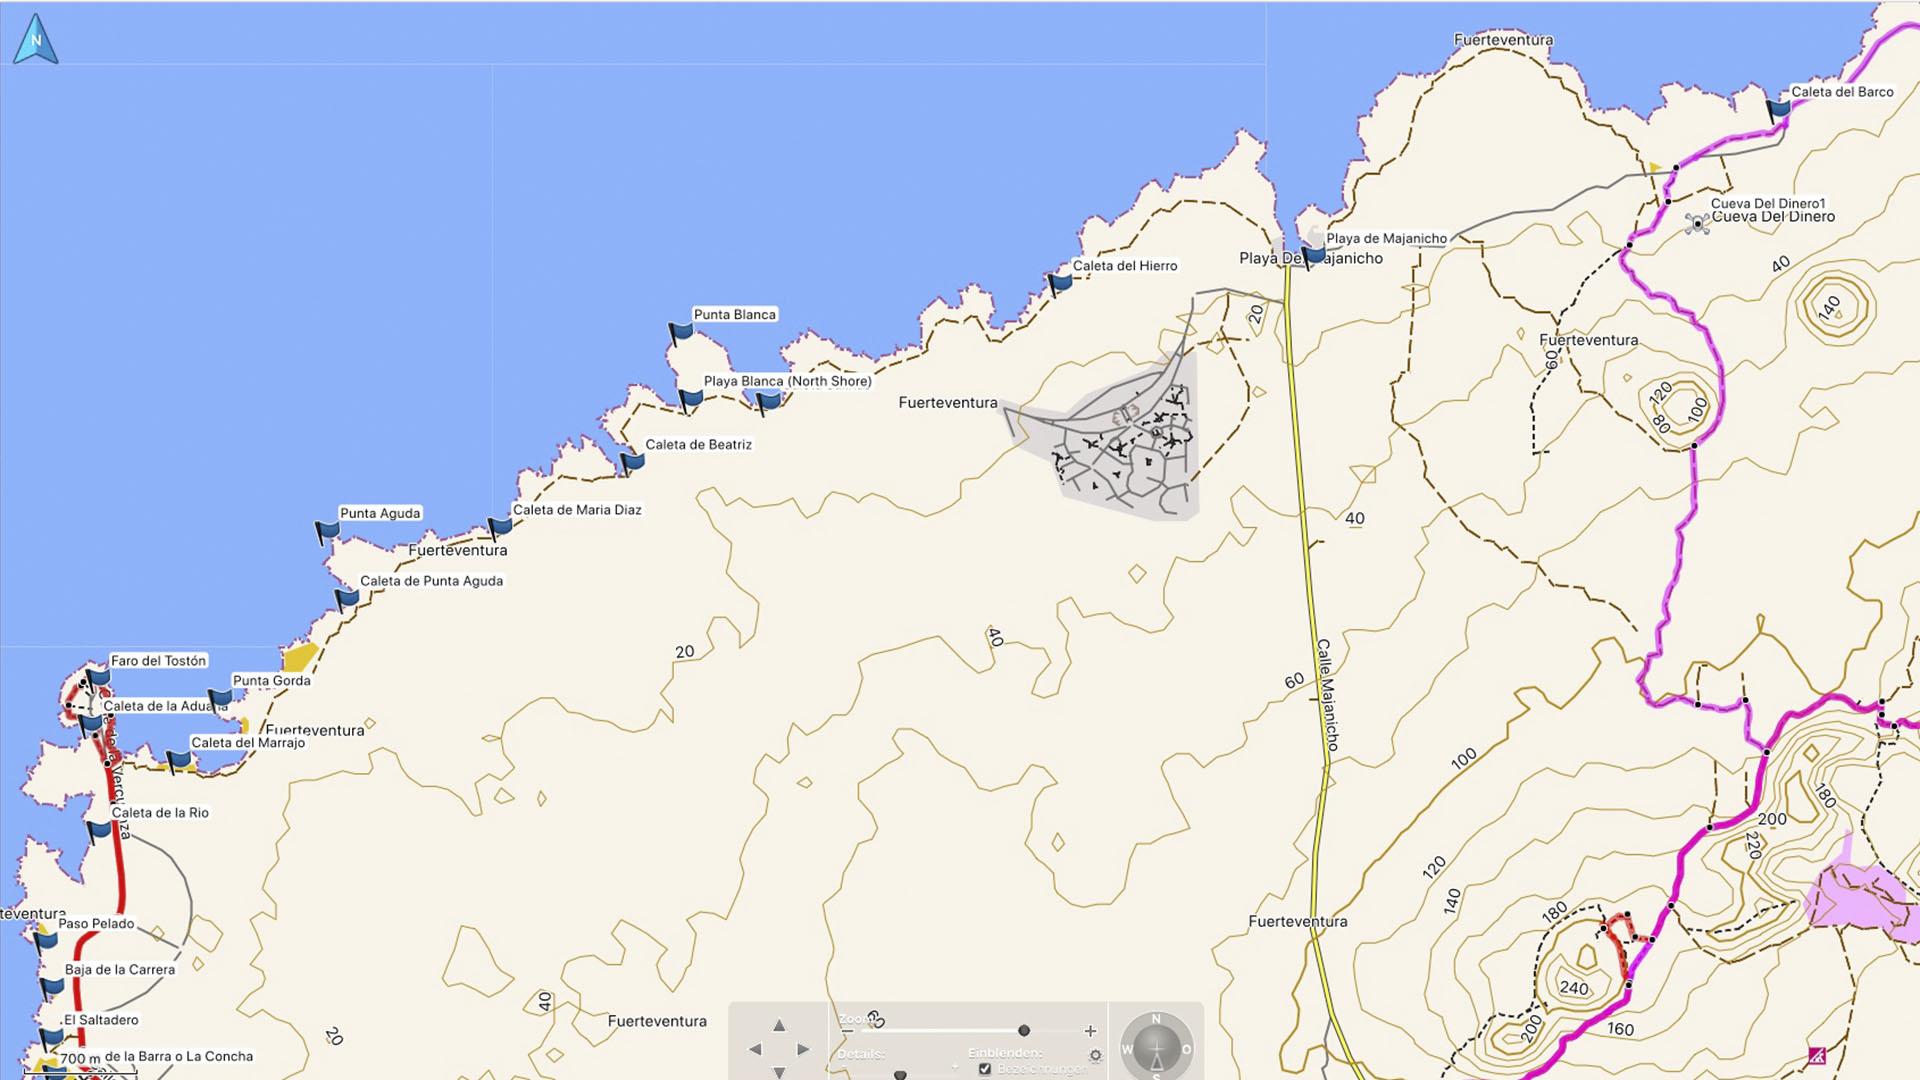 Fuerteventura Karte der Straende: Die Strände Strände des North Shore.